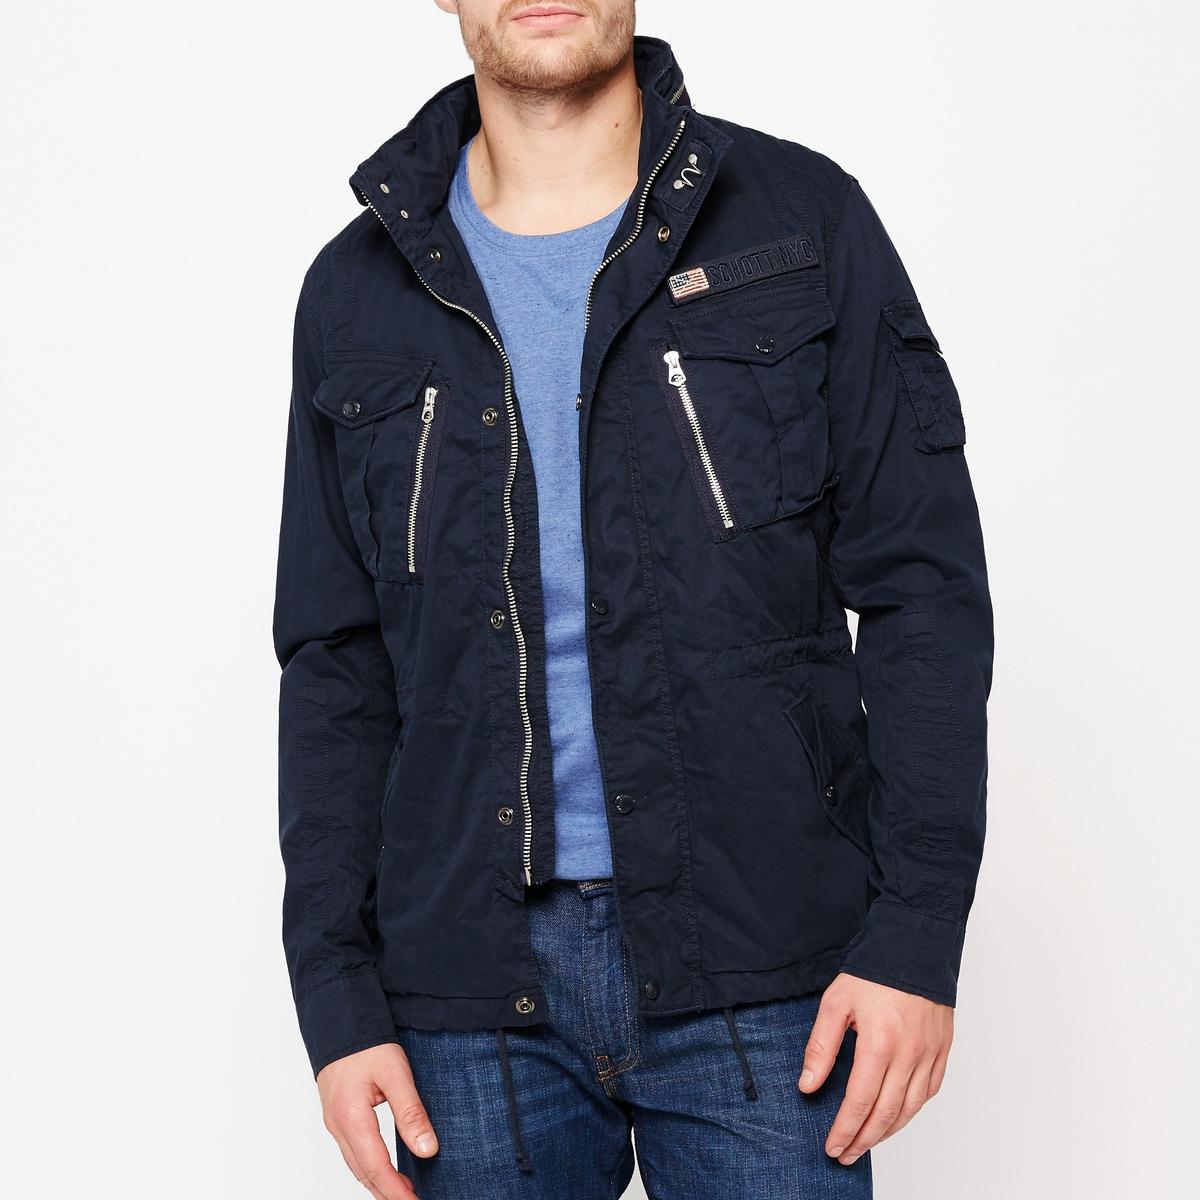 Куртка в стиле милитари SquadКуртка в стиле милитари Squad, 100% хлопок   Супатная застежка на молнию и кнопки   Капюшон интегрирован в воротник   Спереди : 4 кармана с клапанами. 1 маленький кармашек с клапаном на рукаве   Внутренний карман   Пояс на кулиске<br><br>Цвет: темно-синий,черный<br>Размер: M.XL